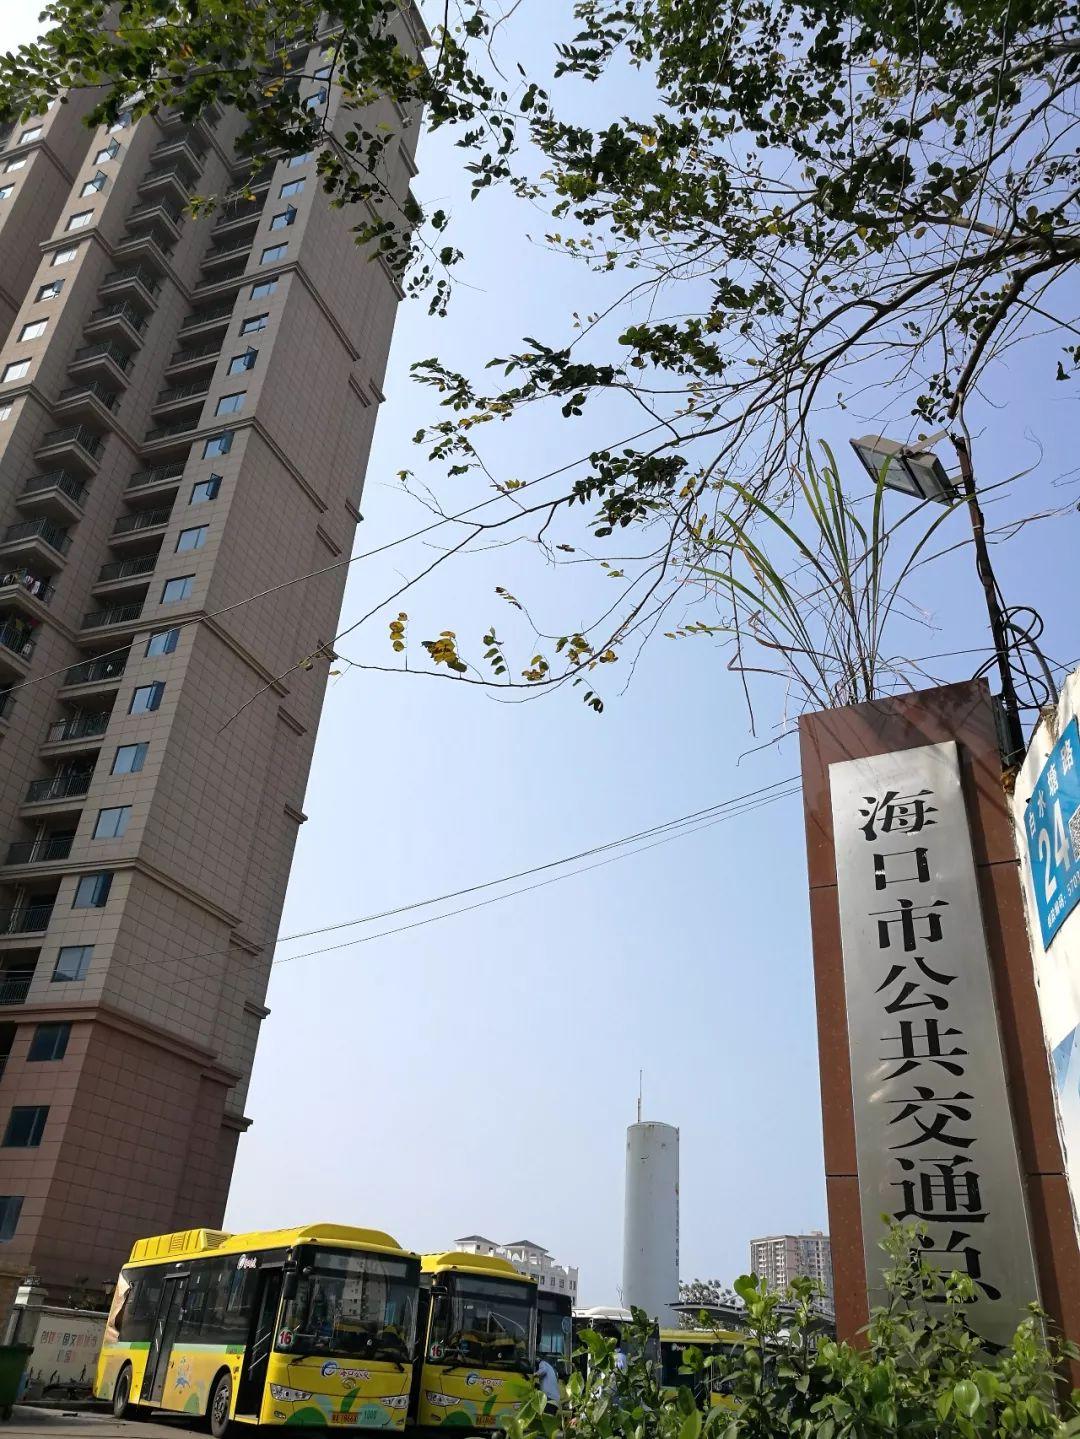 公交加气站旁就是亚太银泉花园